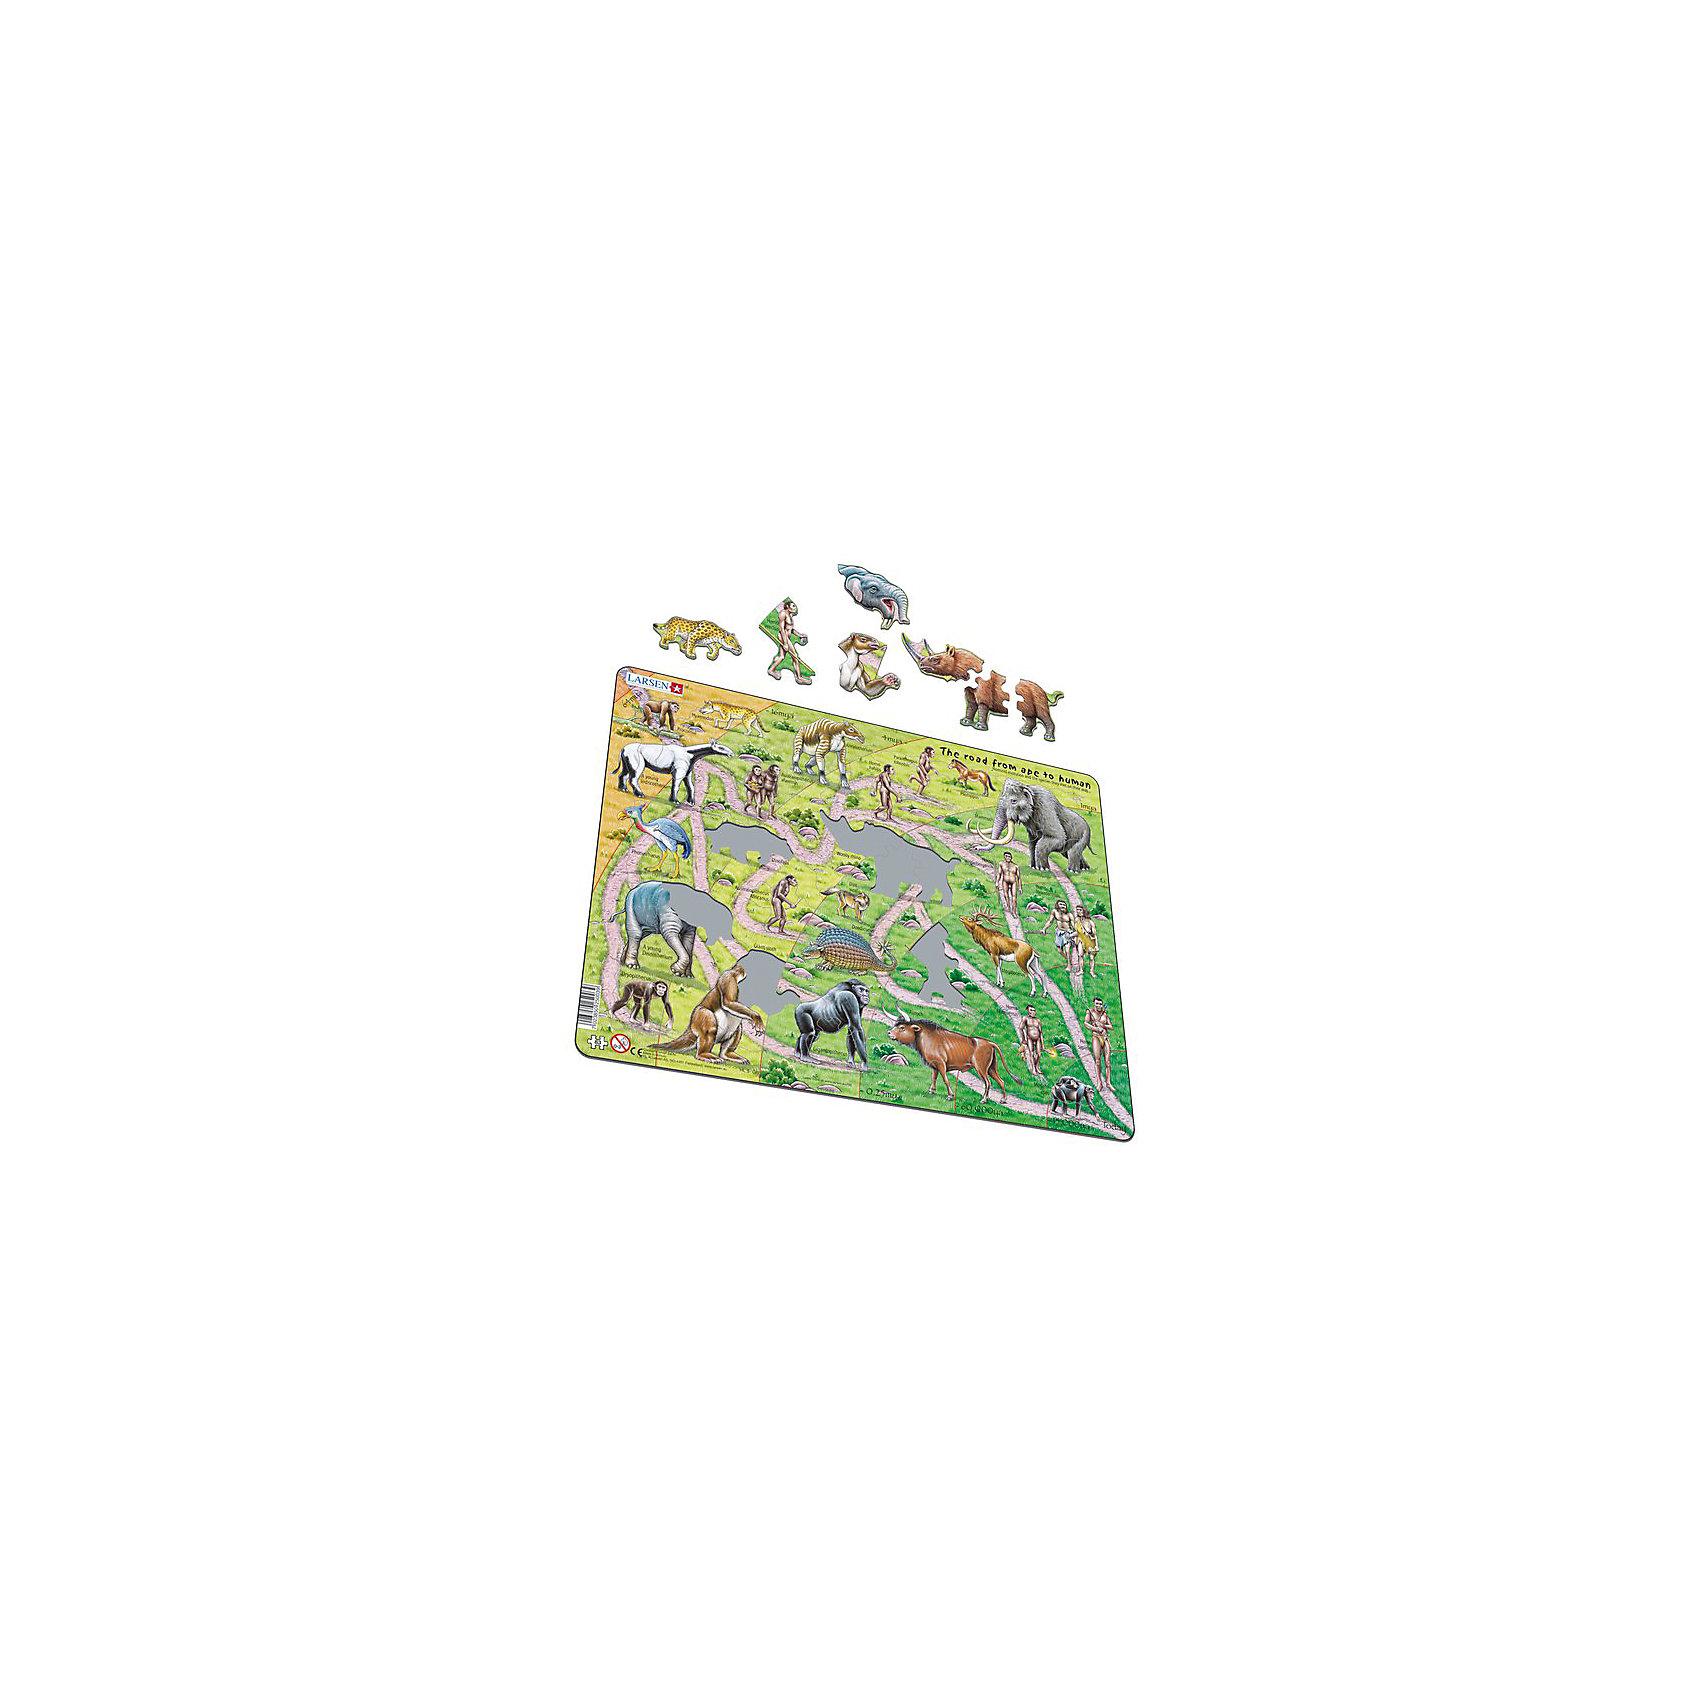 Пазл От обезьяны до человека, 83 детали, LarsenКлассические пазлы<br>Пазлы Ларсен - это прежде всего обучающие пазлы. Многообразие форм вырубки и различные размеры отдельных элементов способствуют развитию мелкой моторики у малышей. Сделанные из высококачественного трехслойного картона, они не деформируются и легко берутся в руки. Все пазлы снабжены специальной подложкой, благодаря чему их удобно собирать.<br><br>Яркие и оригинальные пазлы норвежского бренда Ларсен радуют детей и взрослых. Каждый пазл - настоящая картина, которую необходимо собрать, чтобы восхищаться удивительными животными и птицами. Пазл от обезьяны до человека рассказывает об истории происхождения жизни на земле.<br><br>Пазлы Ларсен всесторонне влияют на развитие малыша. В процессе игры с мелкими деталями развивается моторика пальчиков, красочные картинки стимулируют воображение, мышление и память.<br><br>В наборе: 83 элемента пазла.<br><br>Ширина мм: 365<br>Глубина мм: 5<br>Высота мм: 285<br>Вес г: 320<br>Возраст от месяцев: 36<br>Возраст до месяцев: 1188<br>Пол: Унисекс<br>Возраст: Детский<br>SKU: 4761482